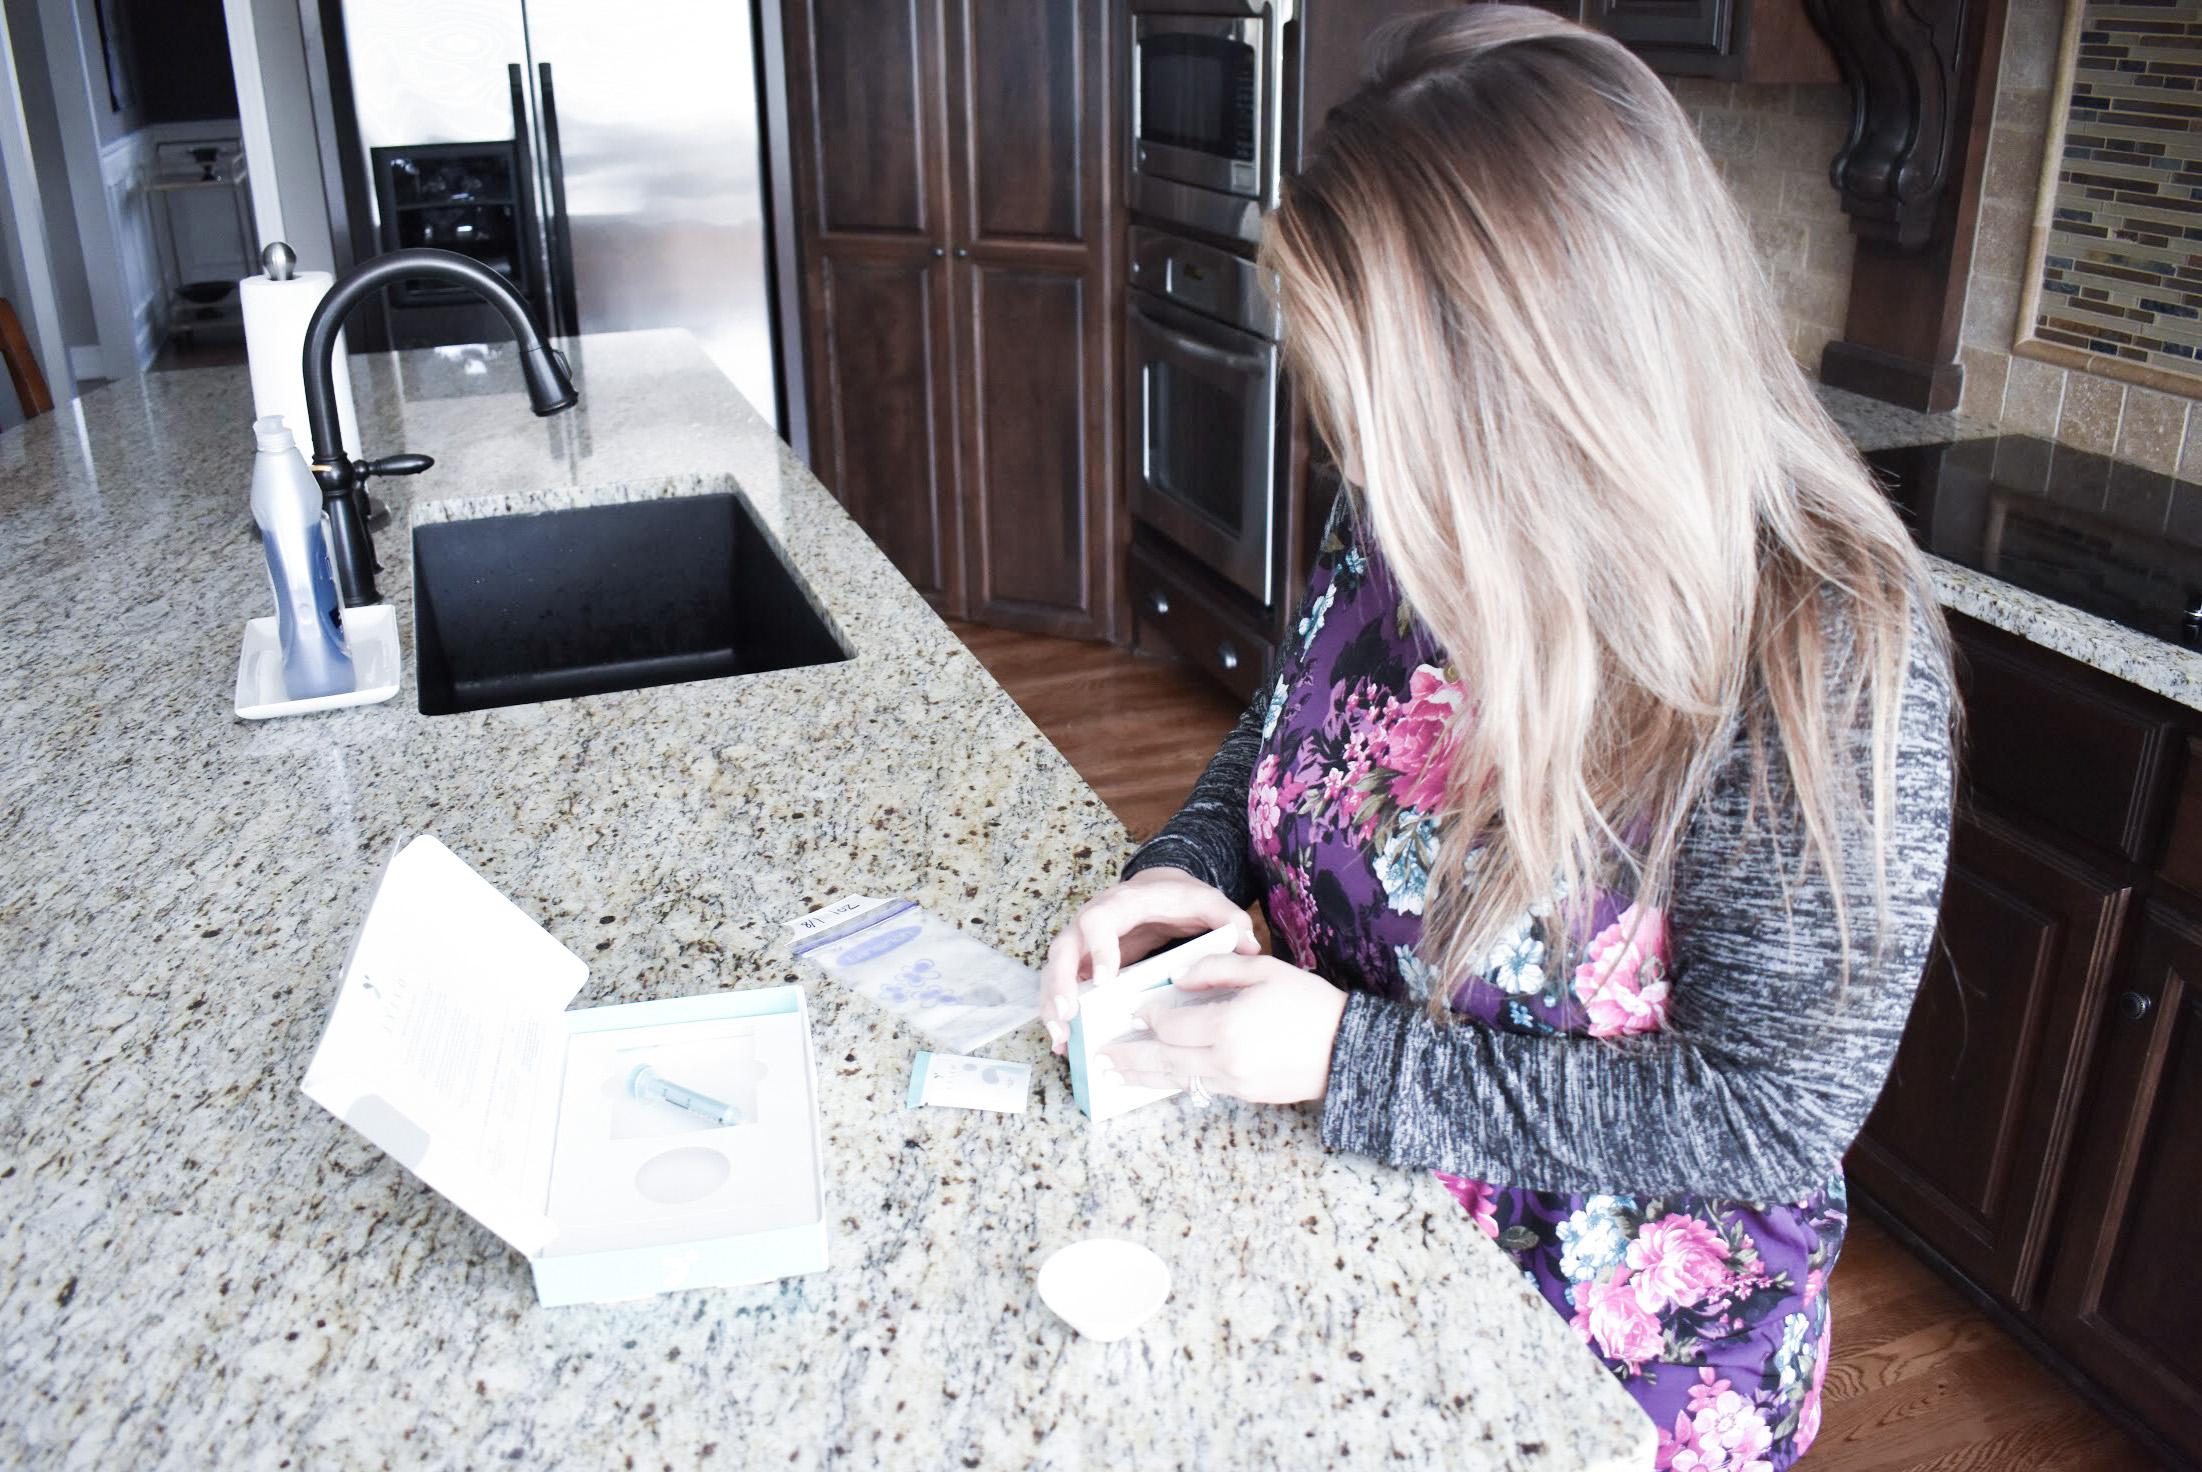 Does My Baby Need Probiotics